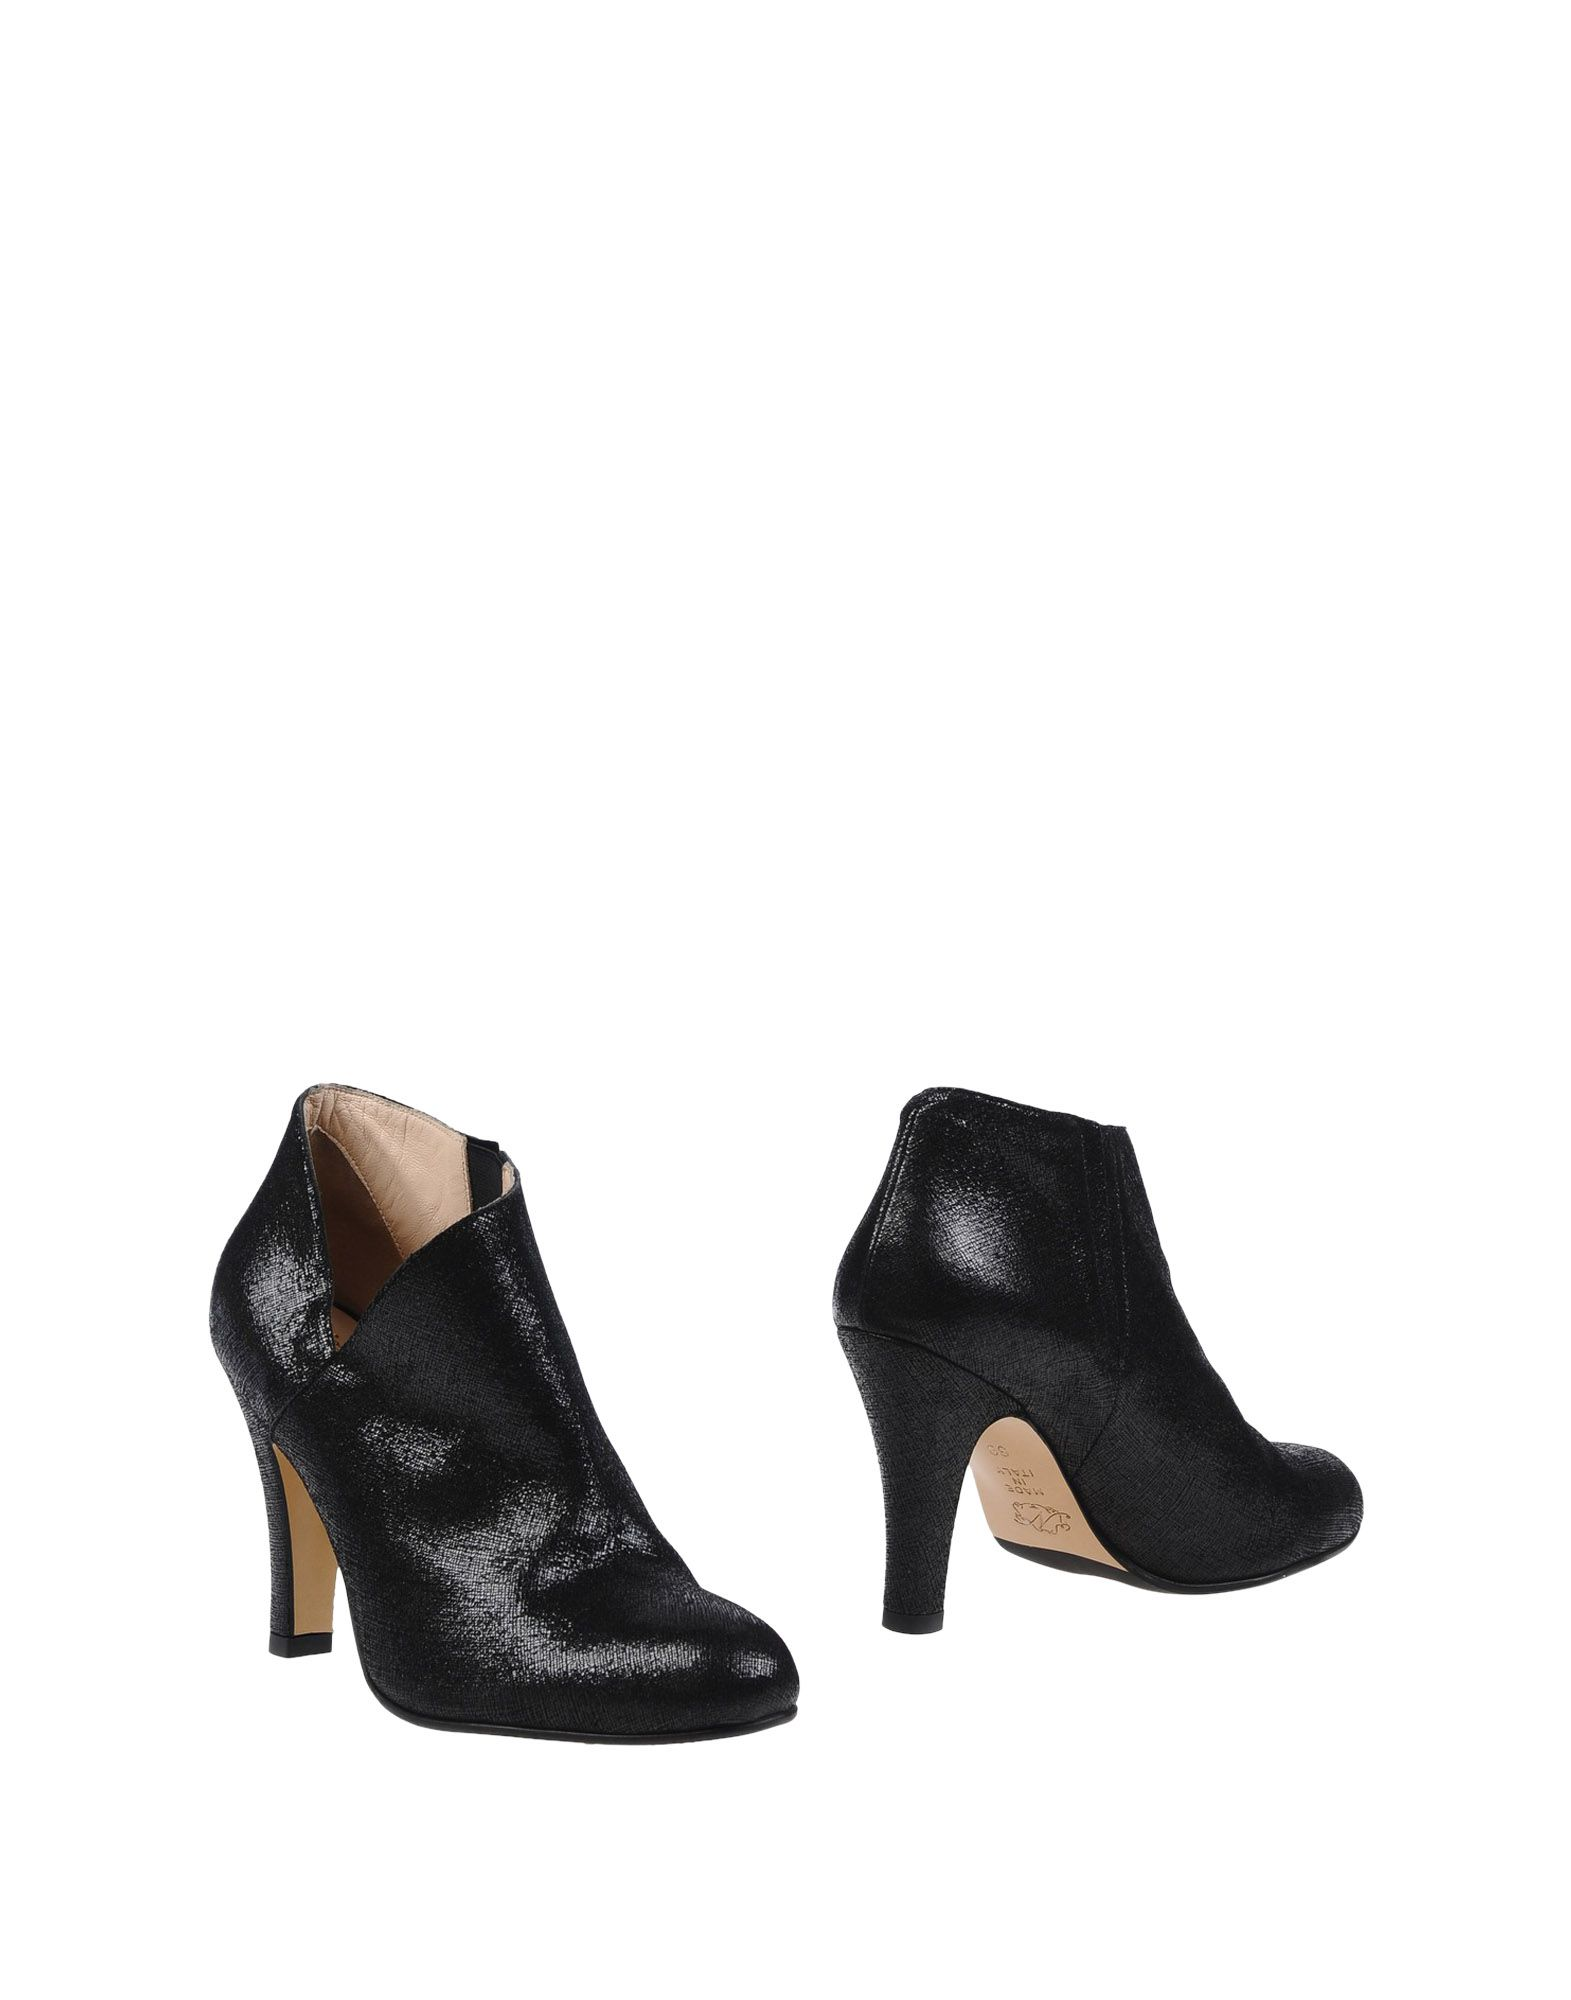 Lenora Lenora Ankle Boot - Women Lenora Lenora Ankle Boots online on  United Kingdom - 11216808CH c1b5eb